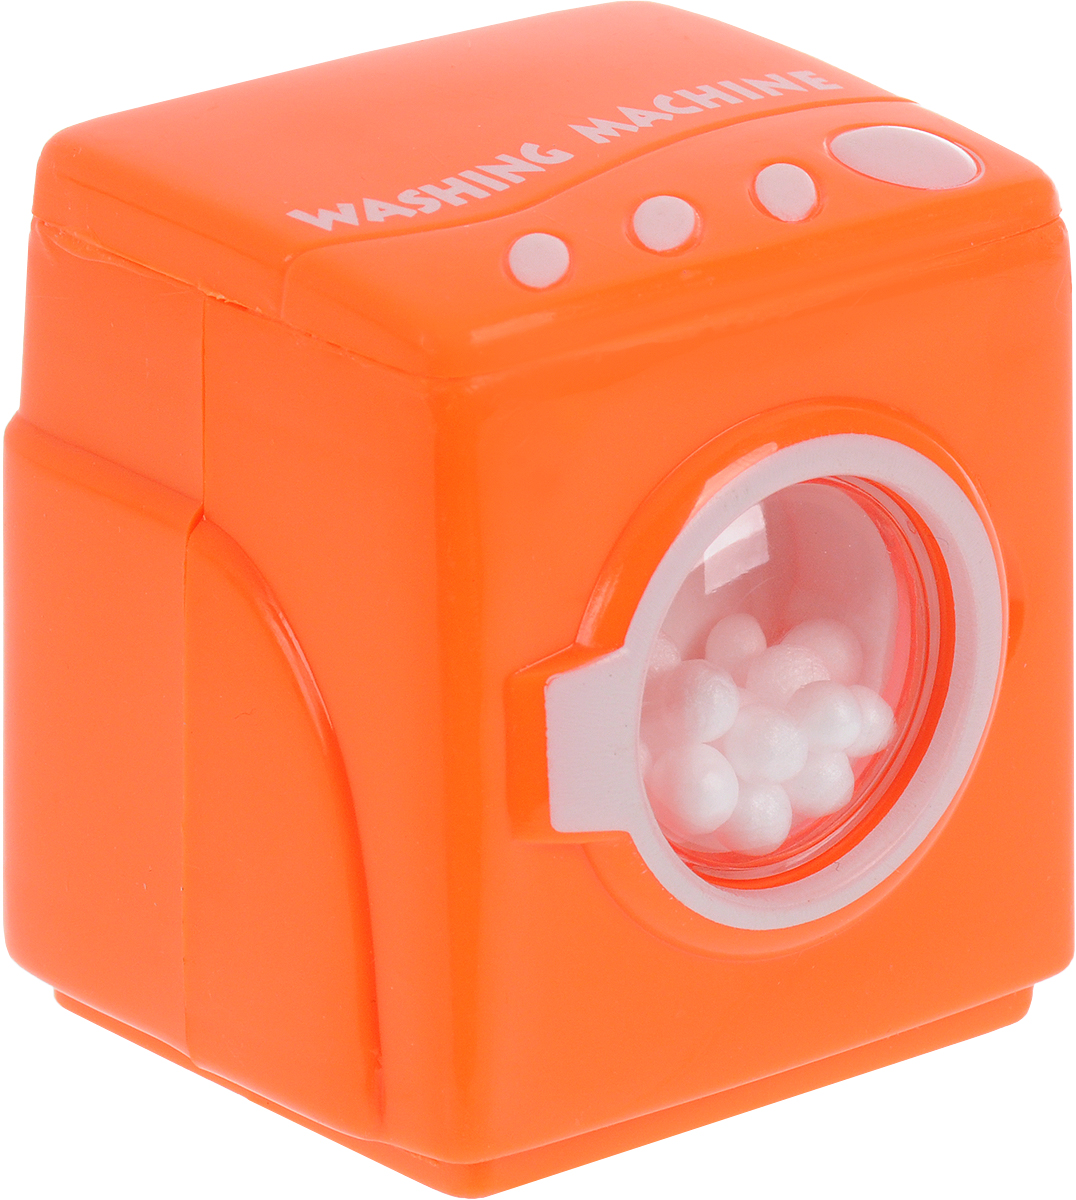 EstaBella Заводная игрушка Стиральная машинка цвет оранжевый стиральная настенная машина цена